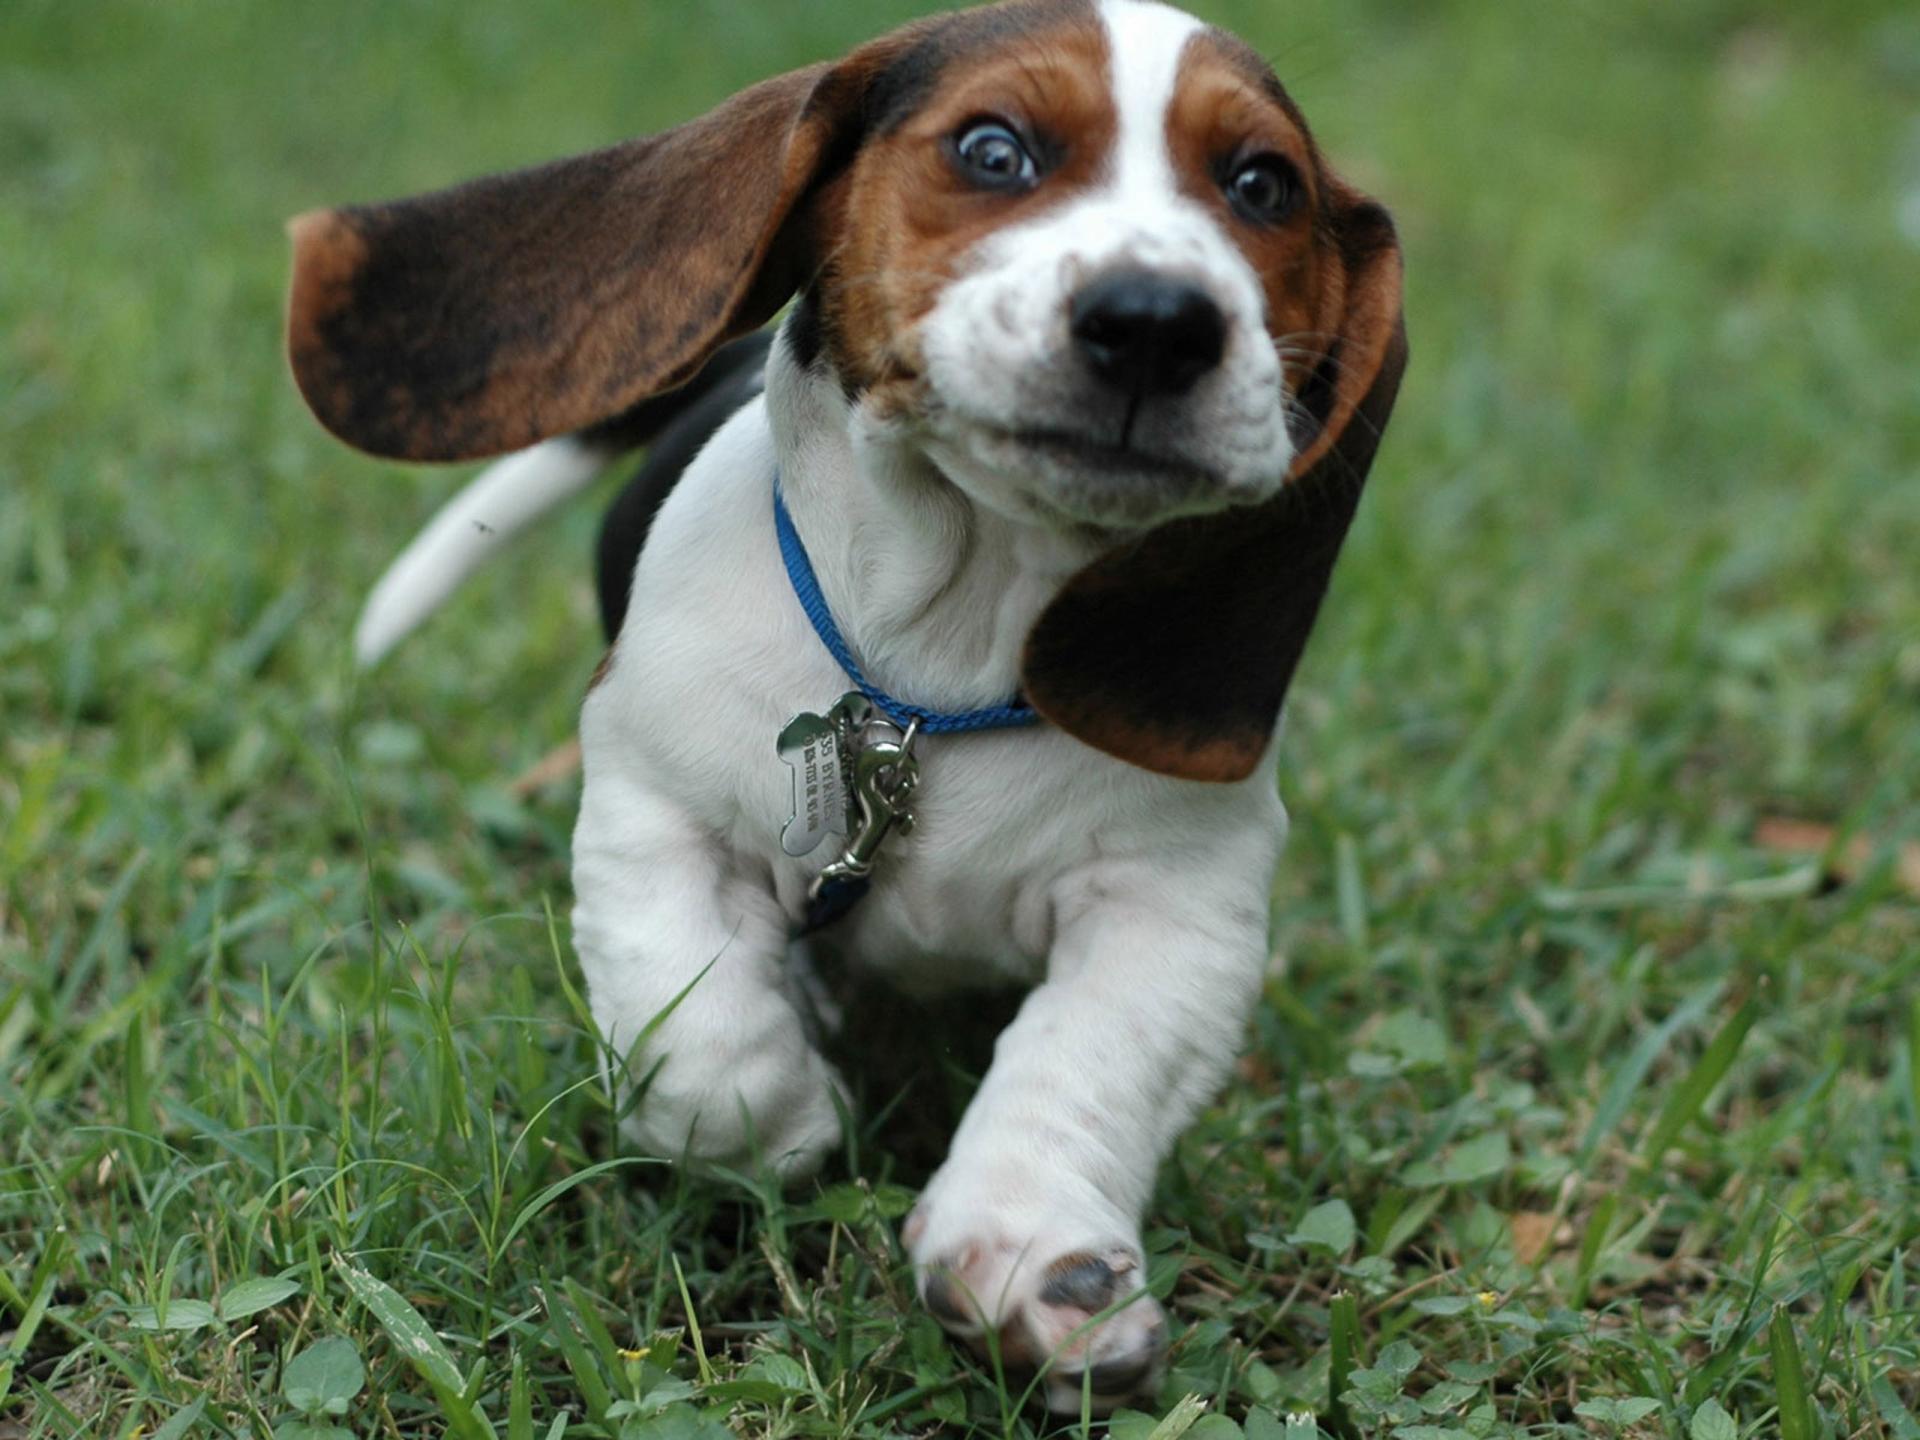 Puppy Eyes Beagle HD Desktop Wallpaper for K Ultra HD TV